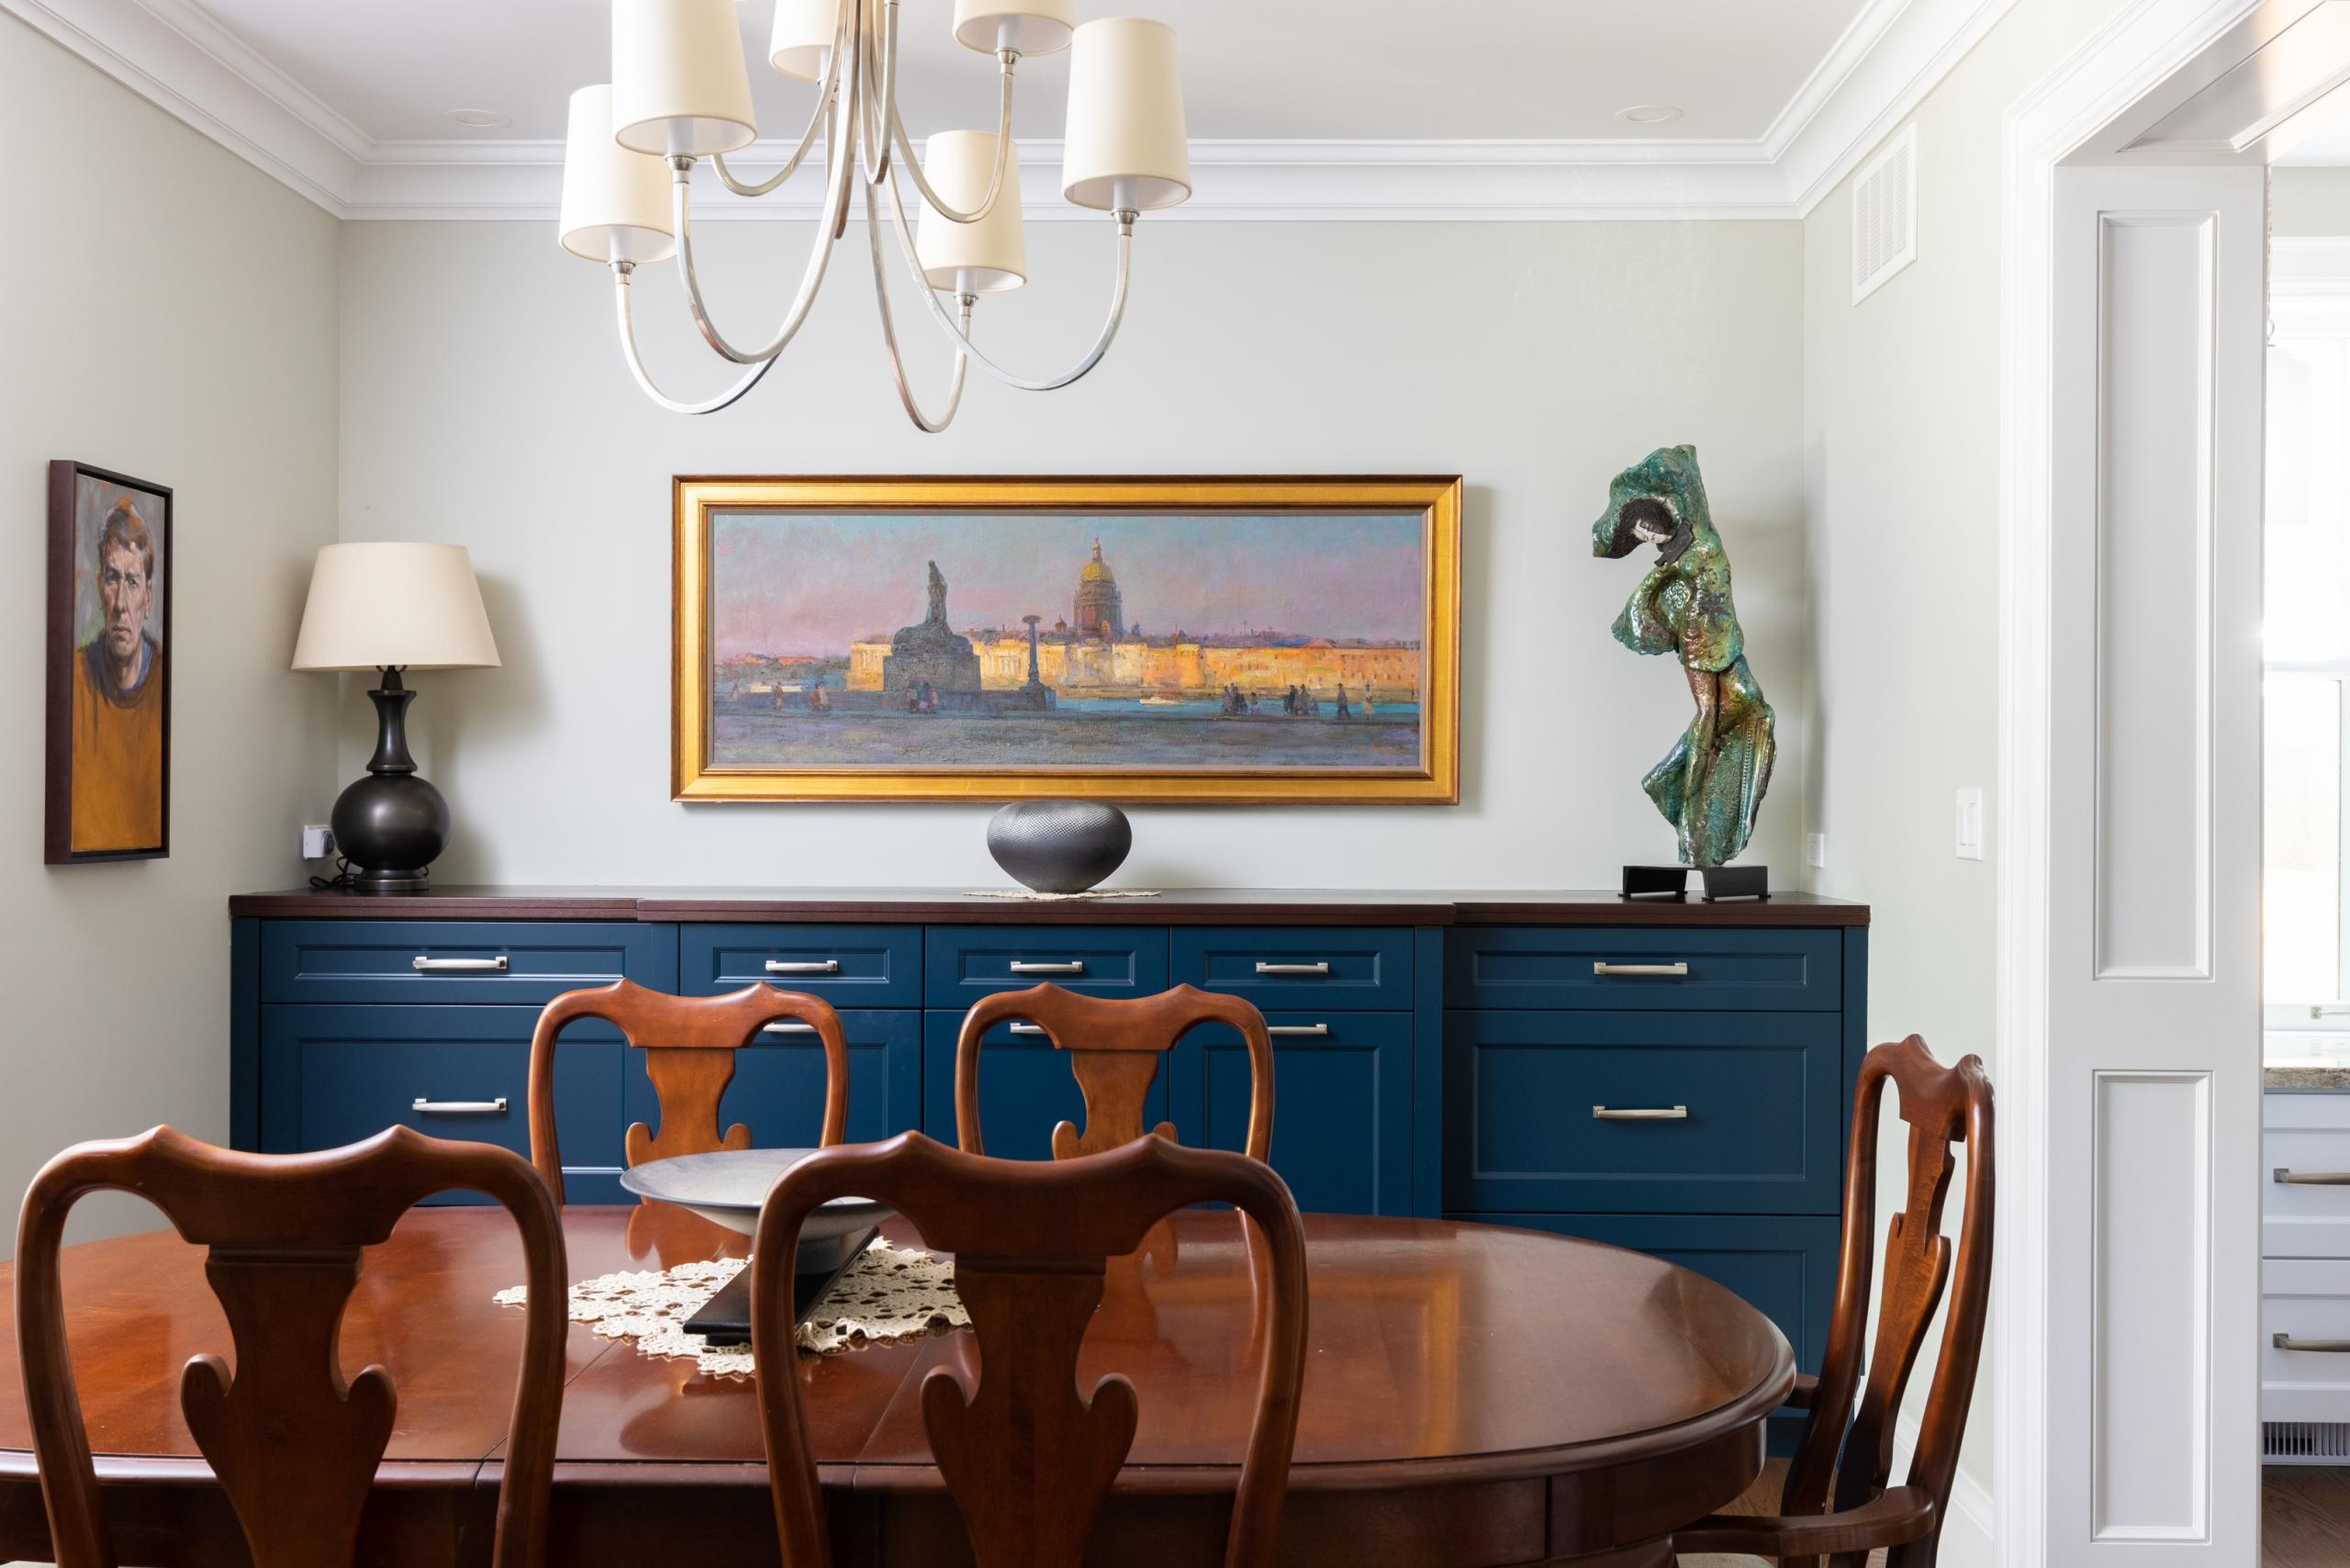 Breakfast room featured at 295 William Street, Oakville. Alex Irish & Associates